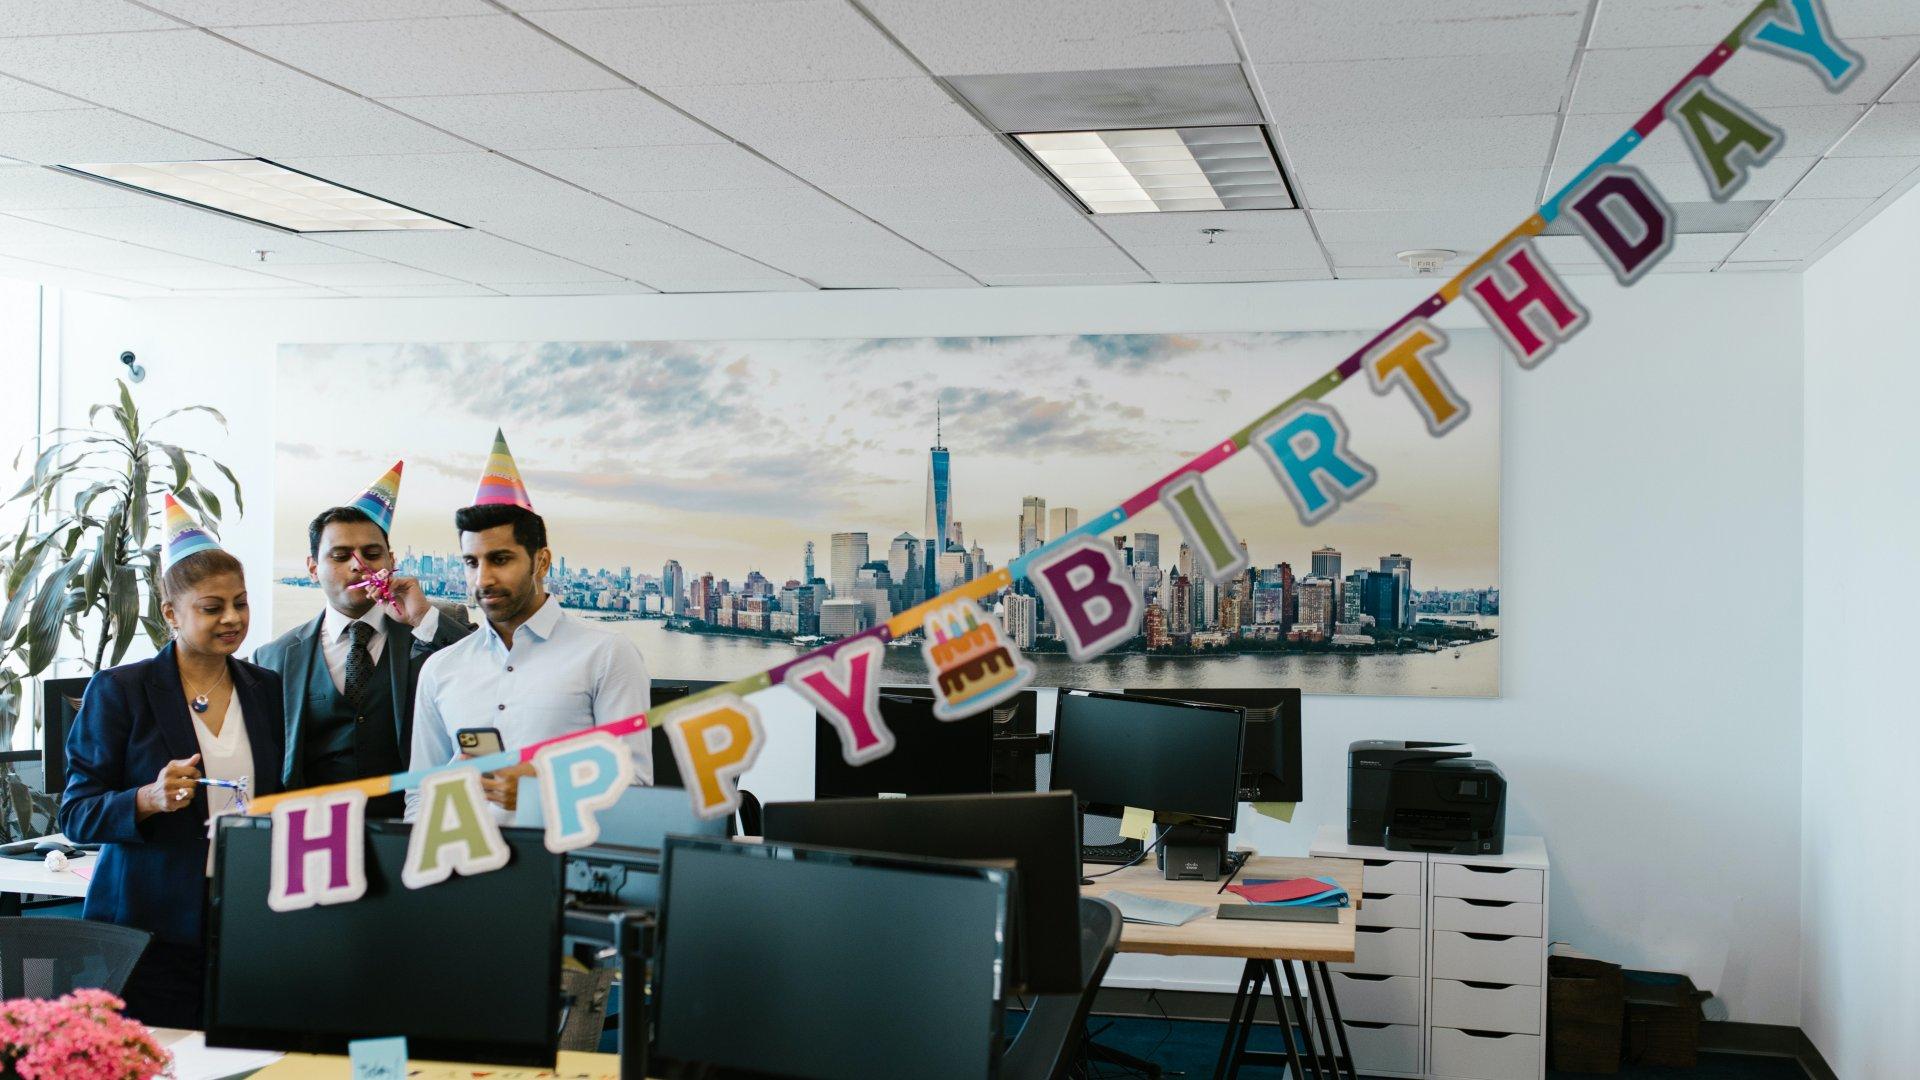 Munkahelyi születésnap